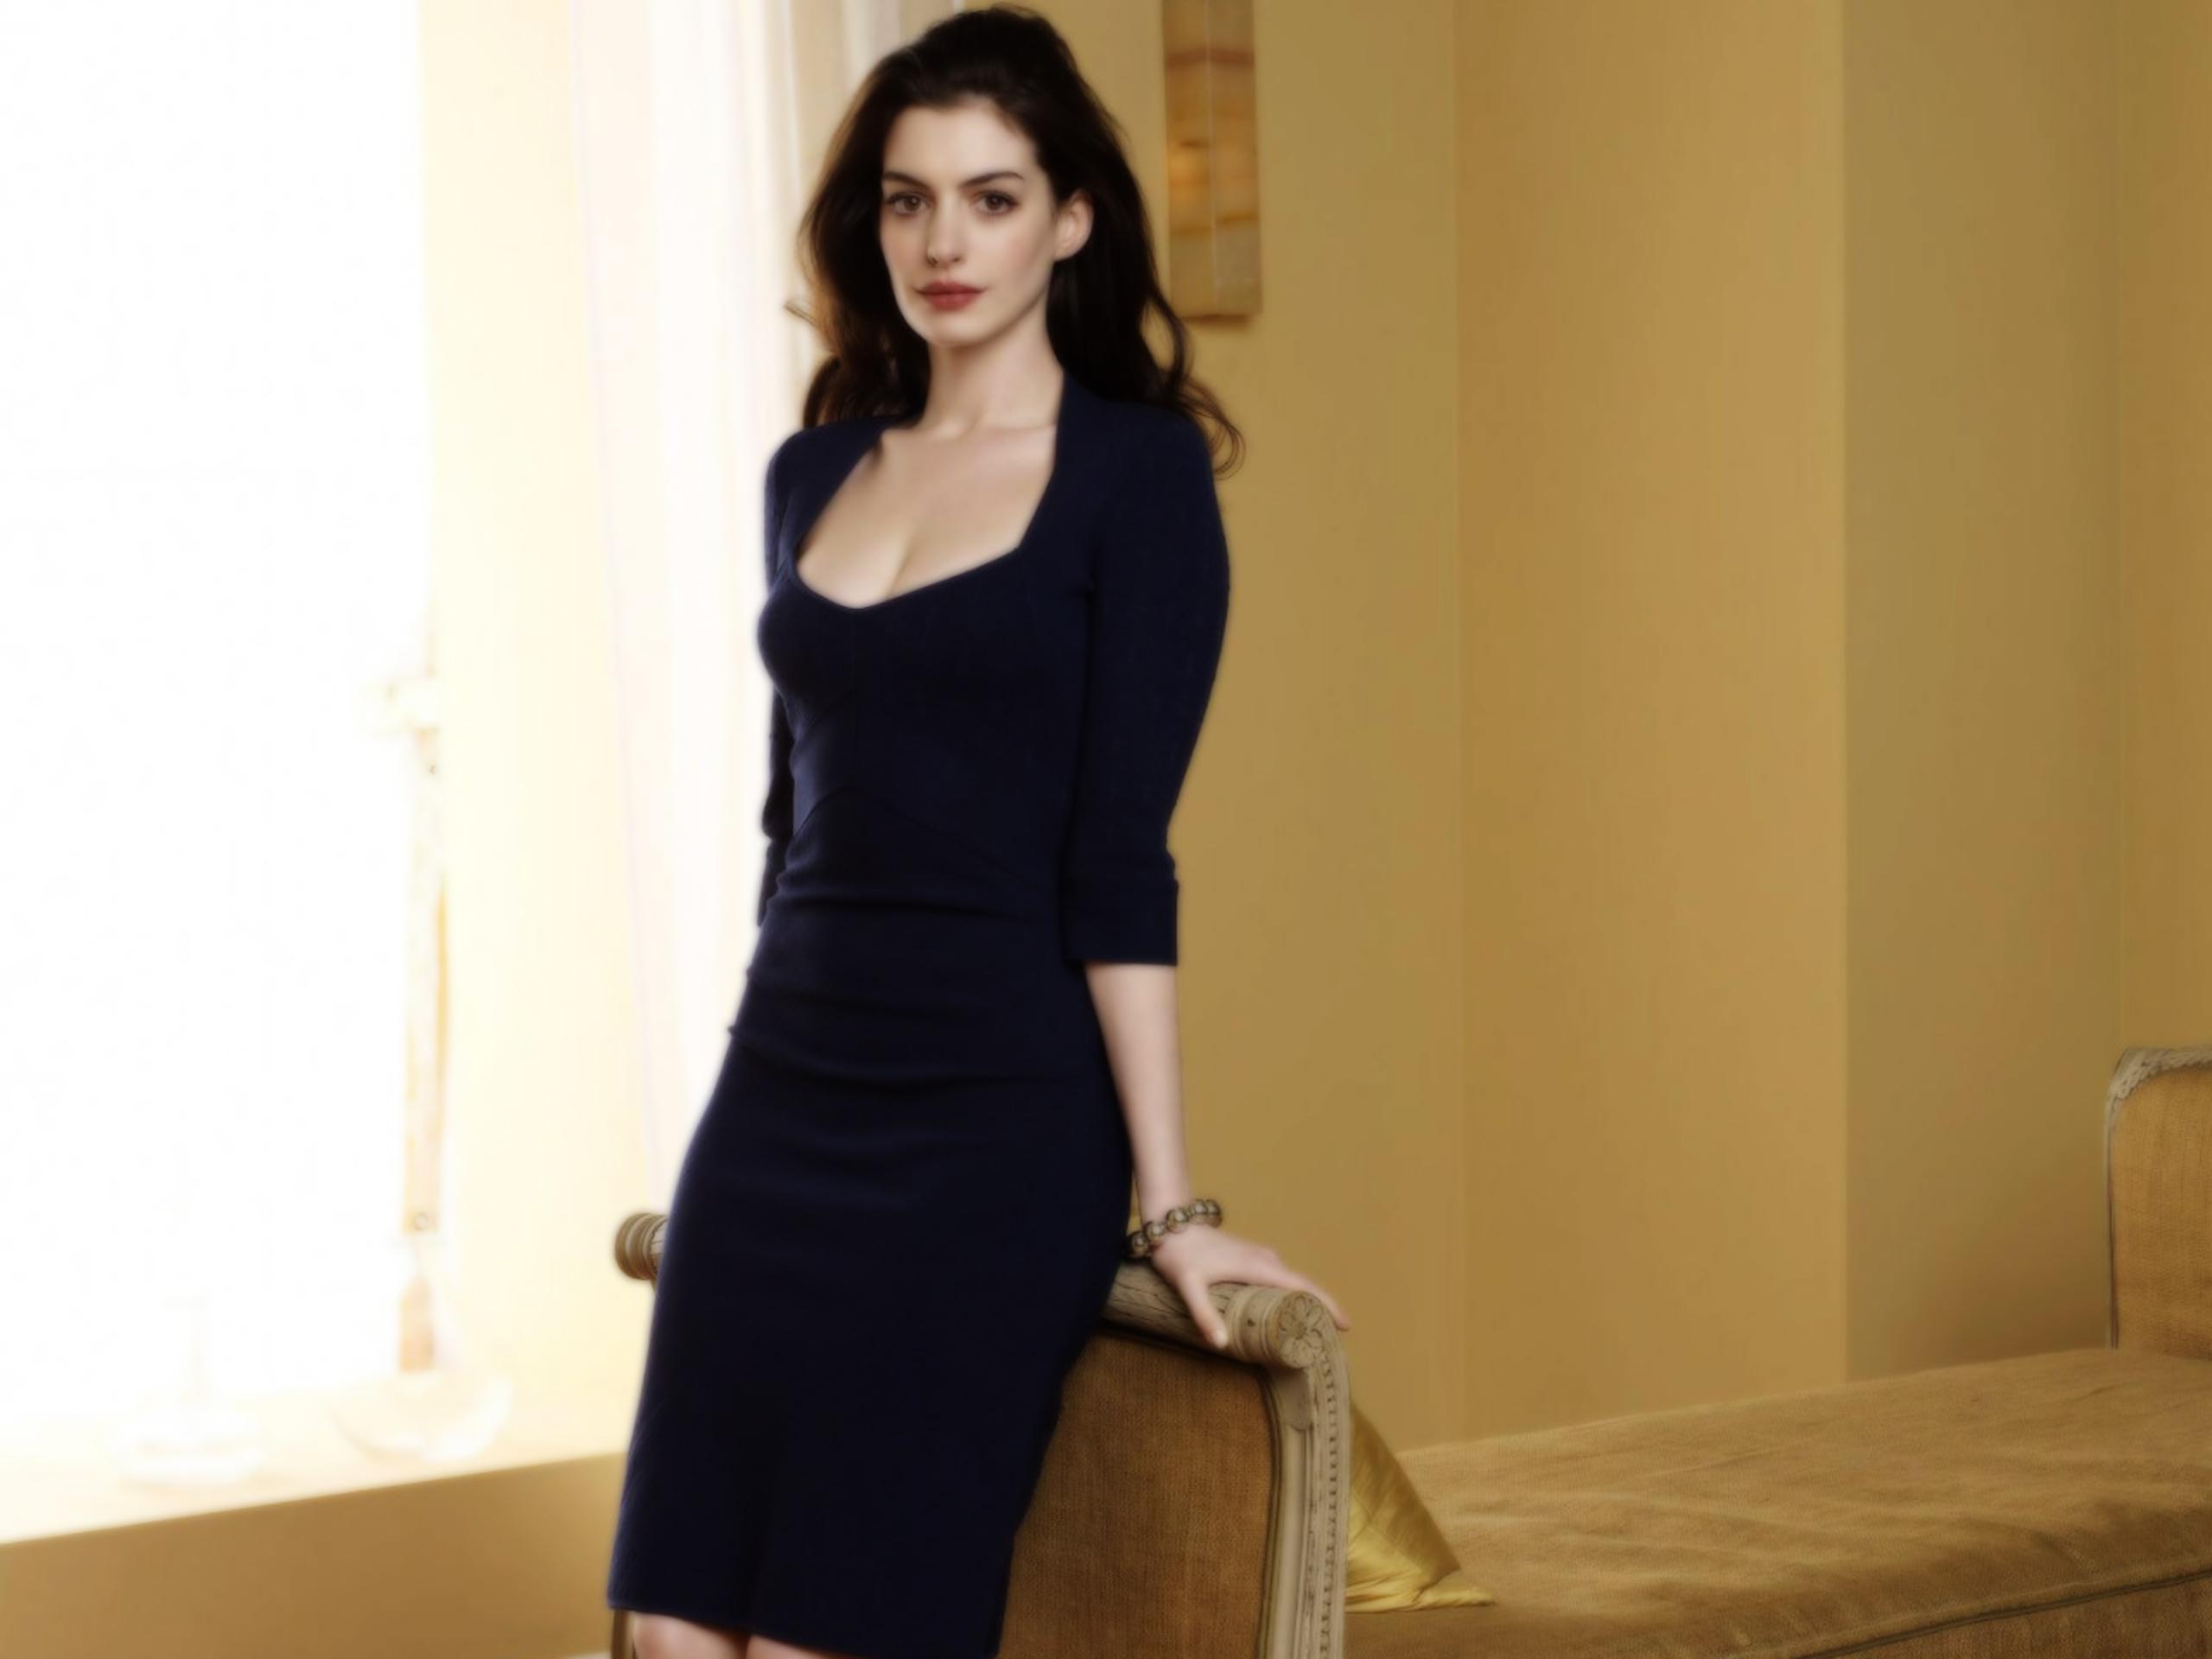 Anne Hathaway Underwearless